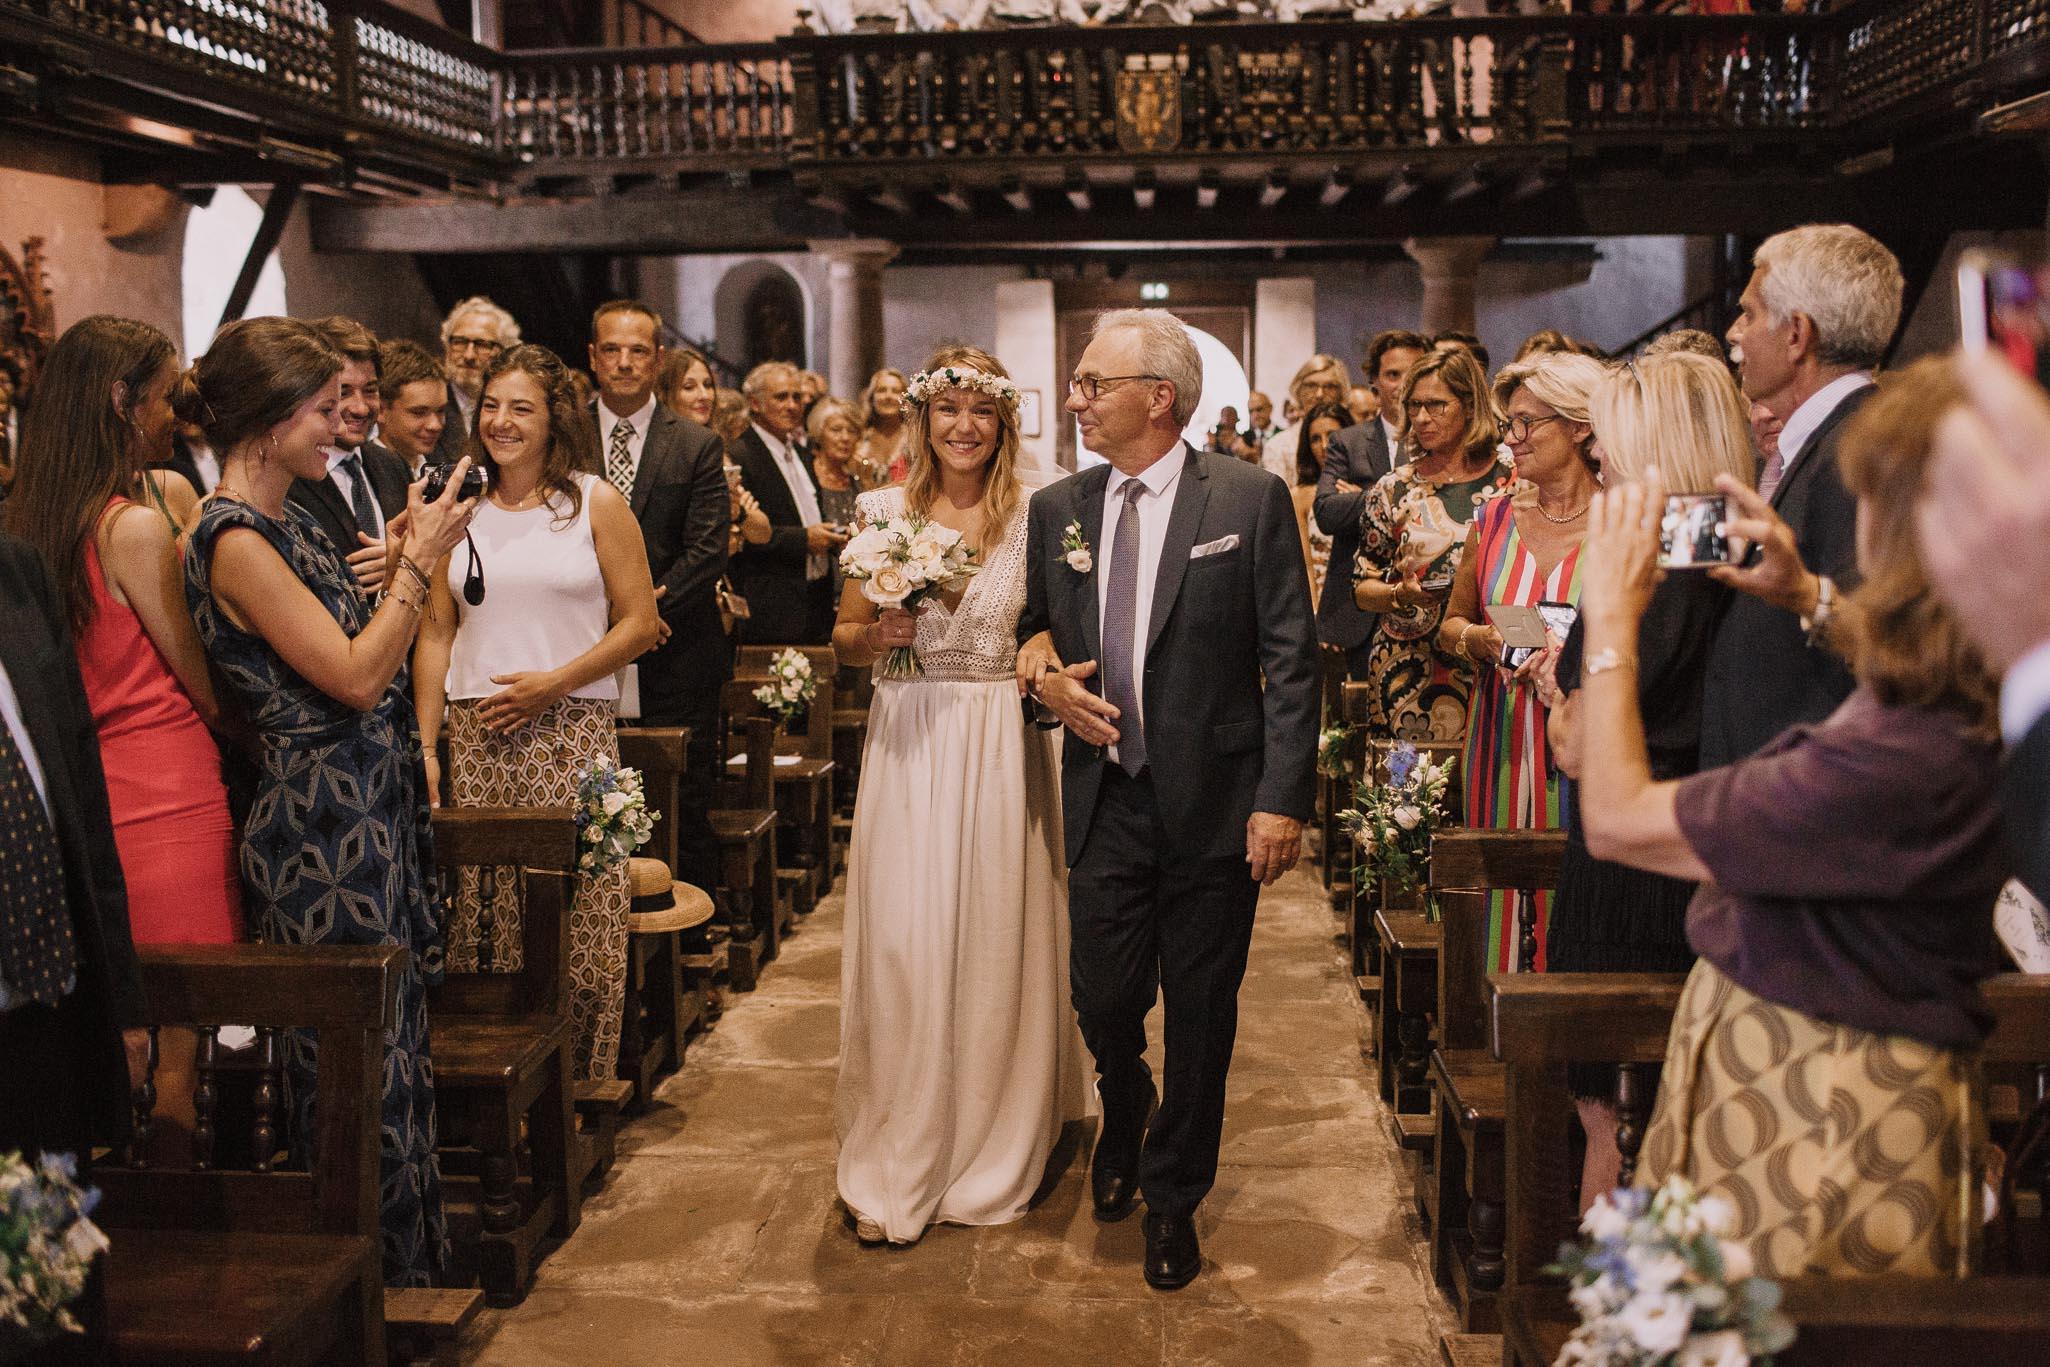 Photographe-mariage-bordeaux-jeremy-boyer-pays-basque-ihartze-artea-sare-robe-eleonore-pauc-couple-amour-61.jpg